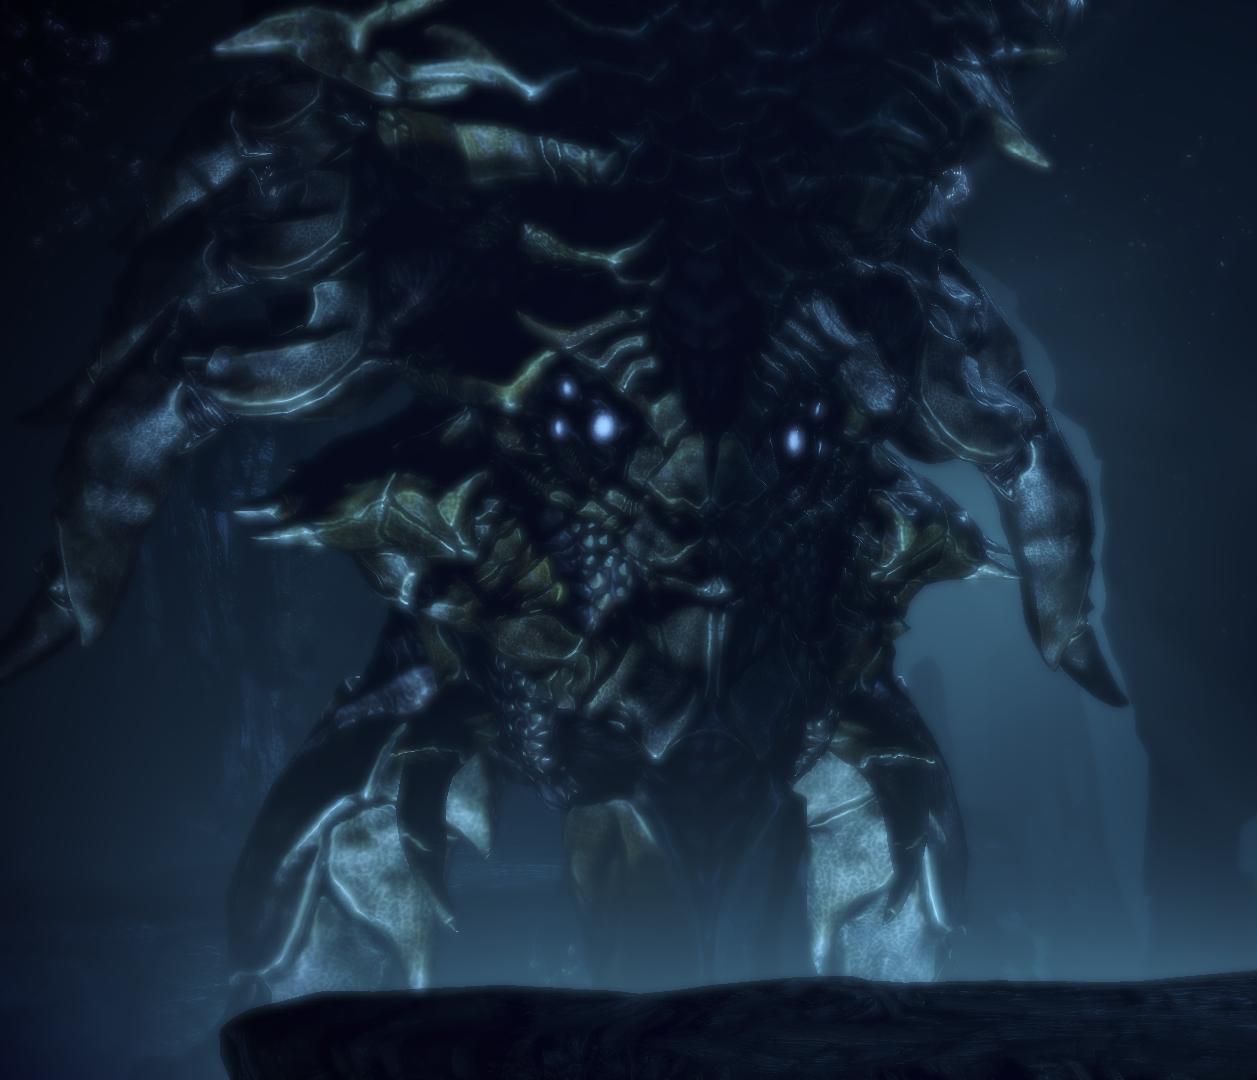 Leviathans (Mass Effect)